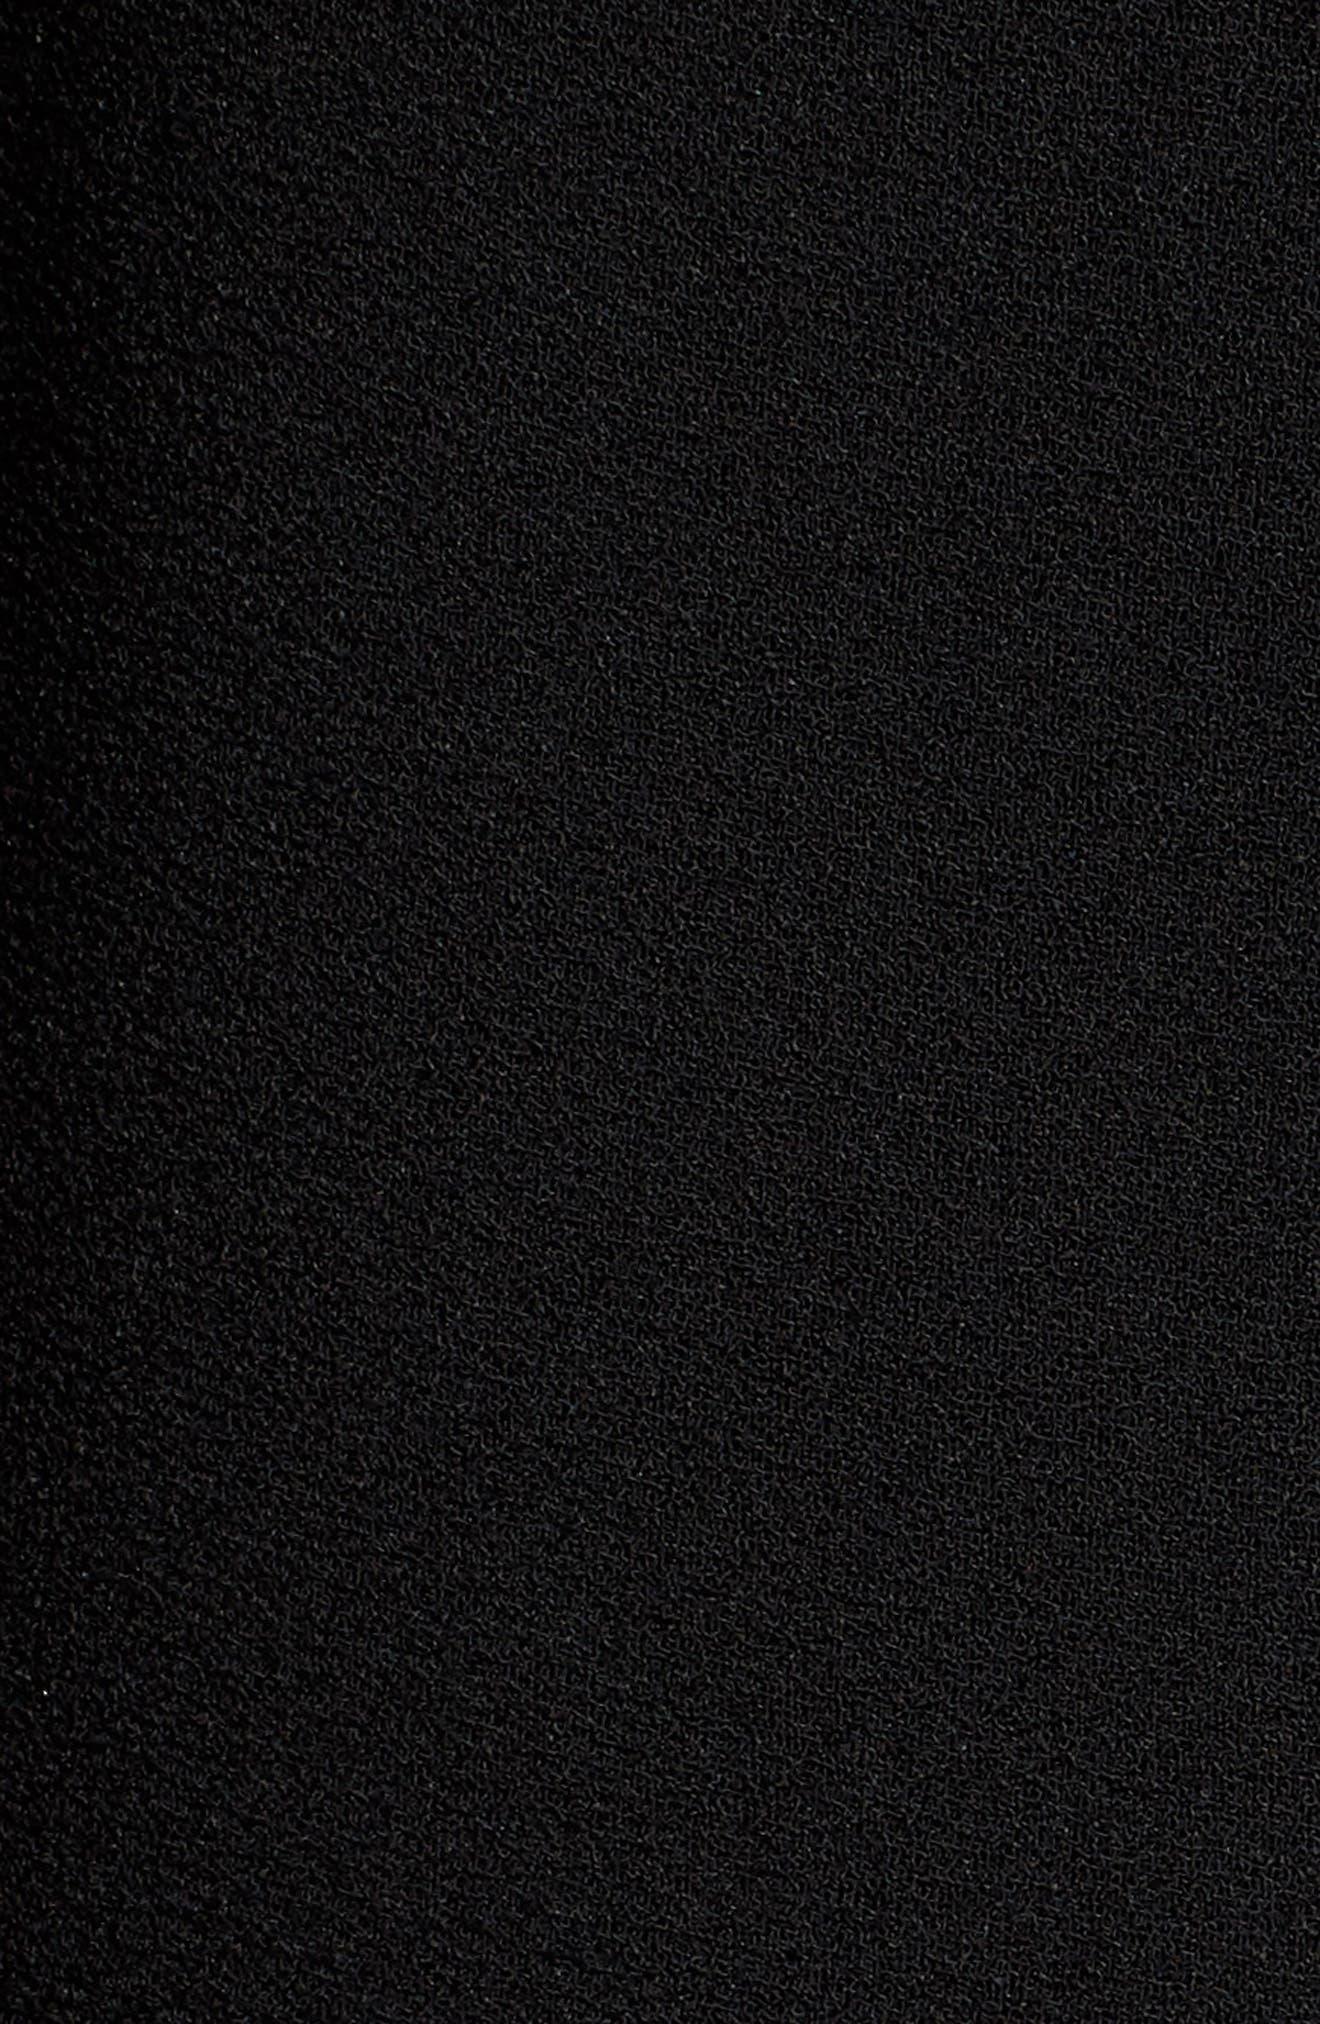 Jisala Compact Crepe Crop Jacket,                             Alternate thumbnail 4, color,                             Black